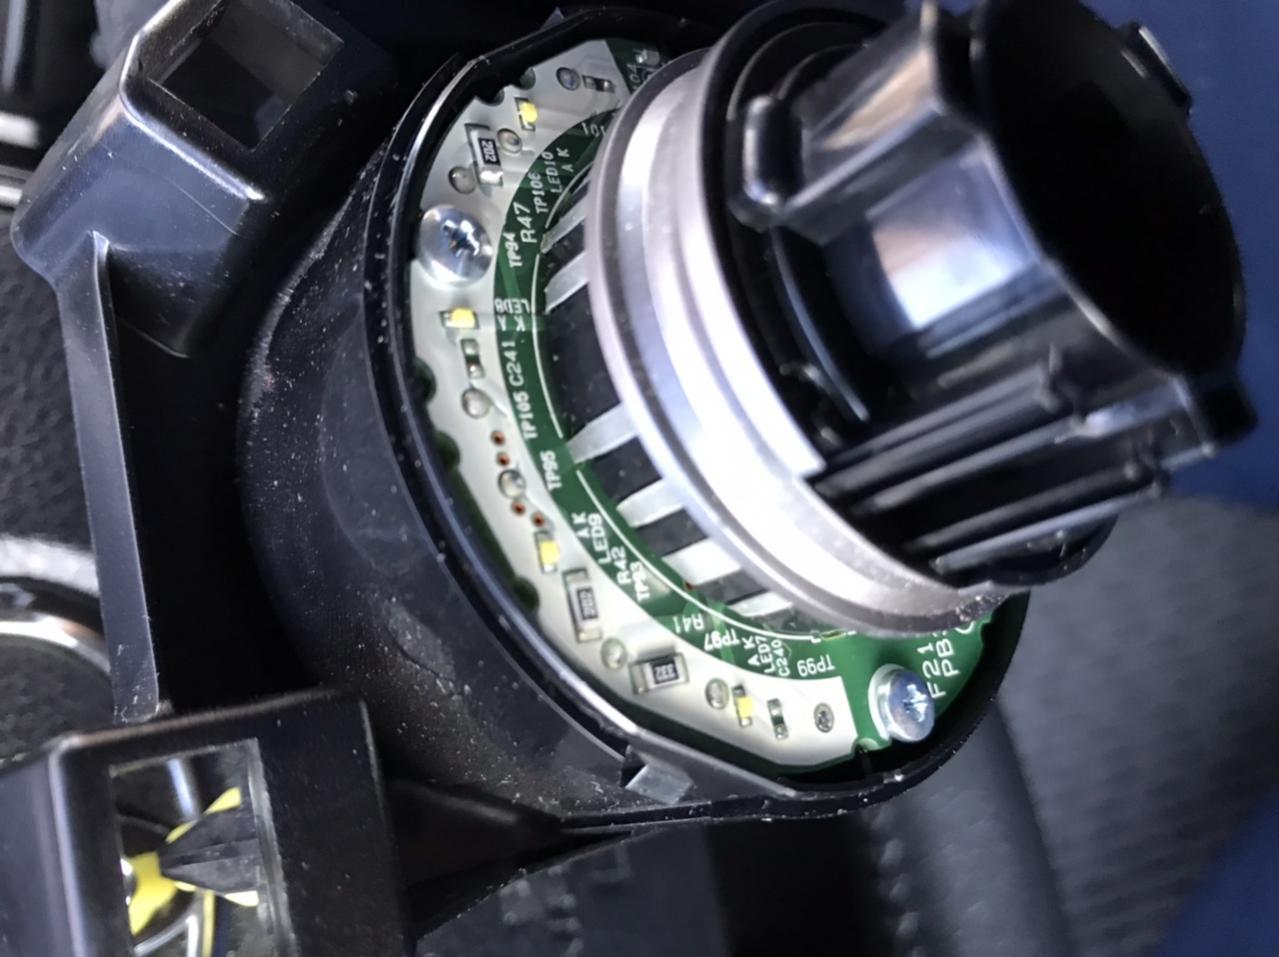 Radio/GPS area illumination lights-618bad63-0e6c-4769-908f-4ea60f48c101-jpg